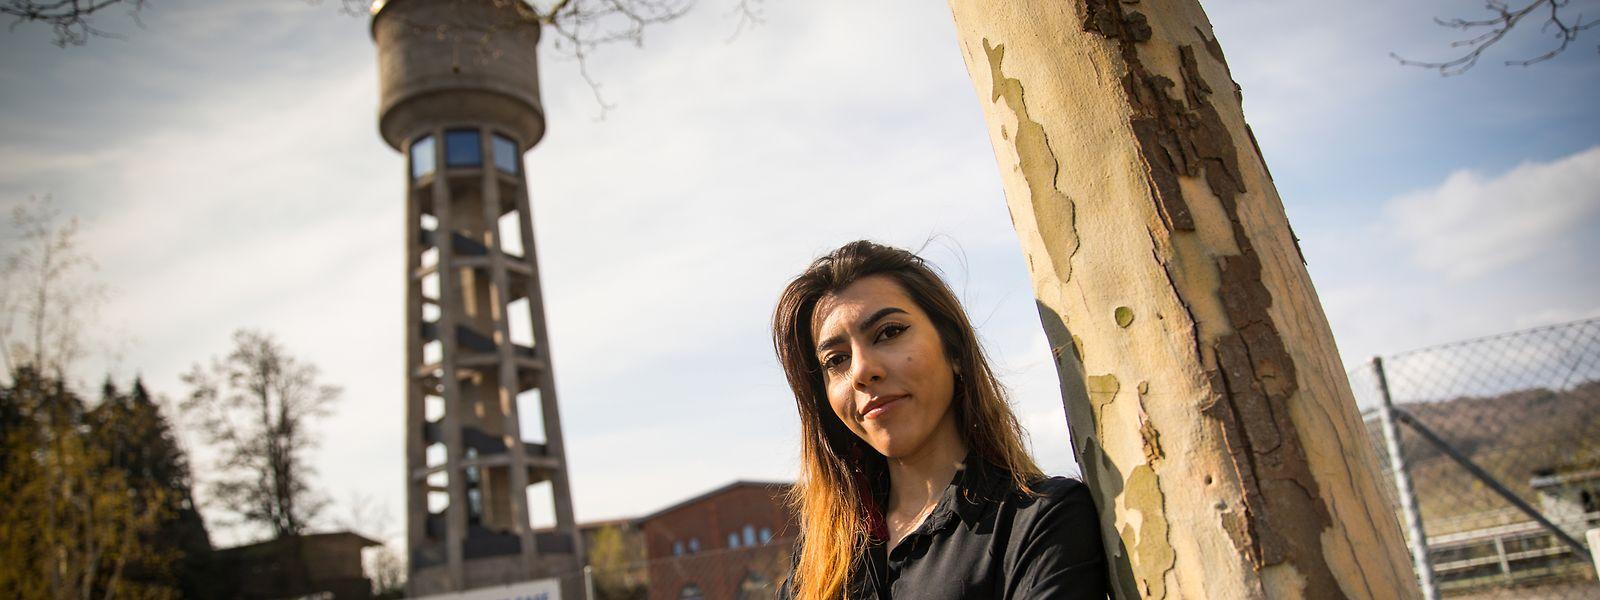 Selbstbewusst und zielstrebig geht Yasmine Hussein ihre Zukunftsprojekte an.